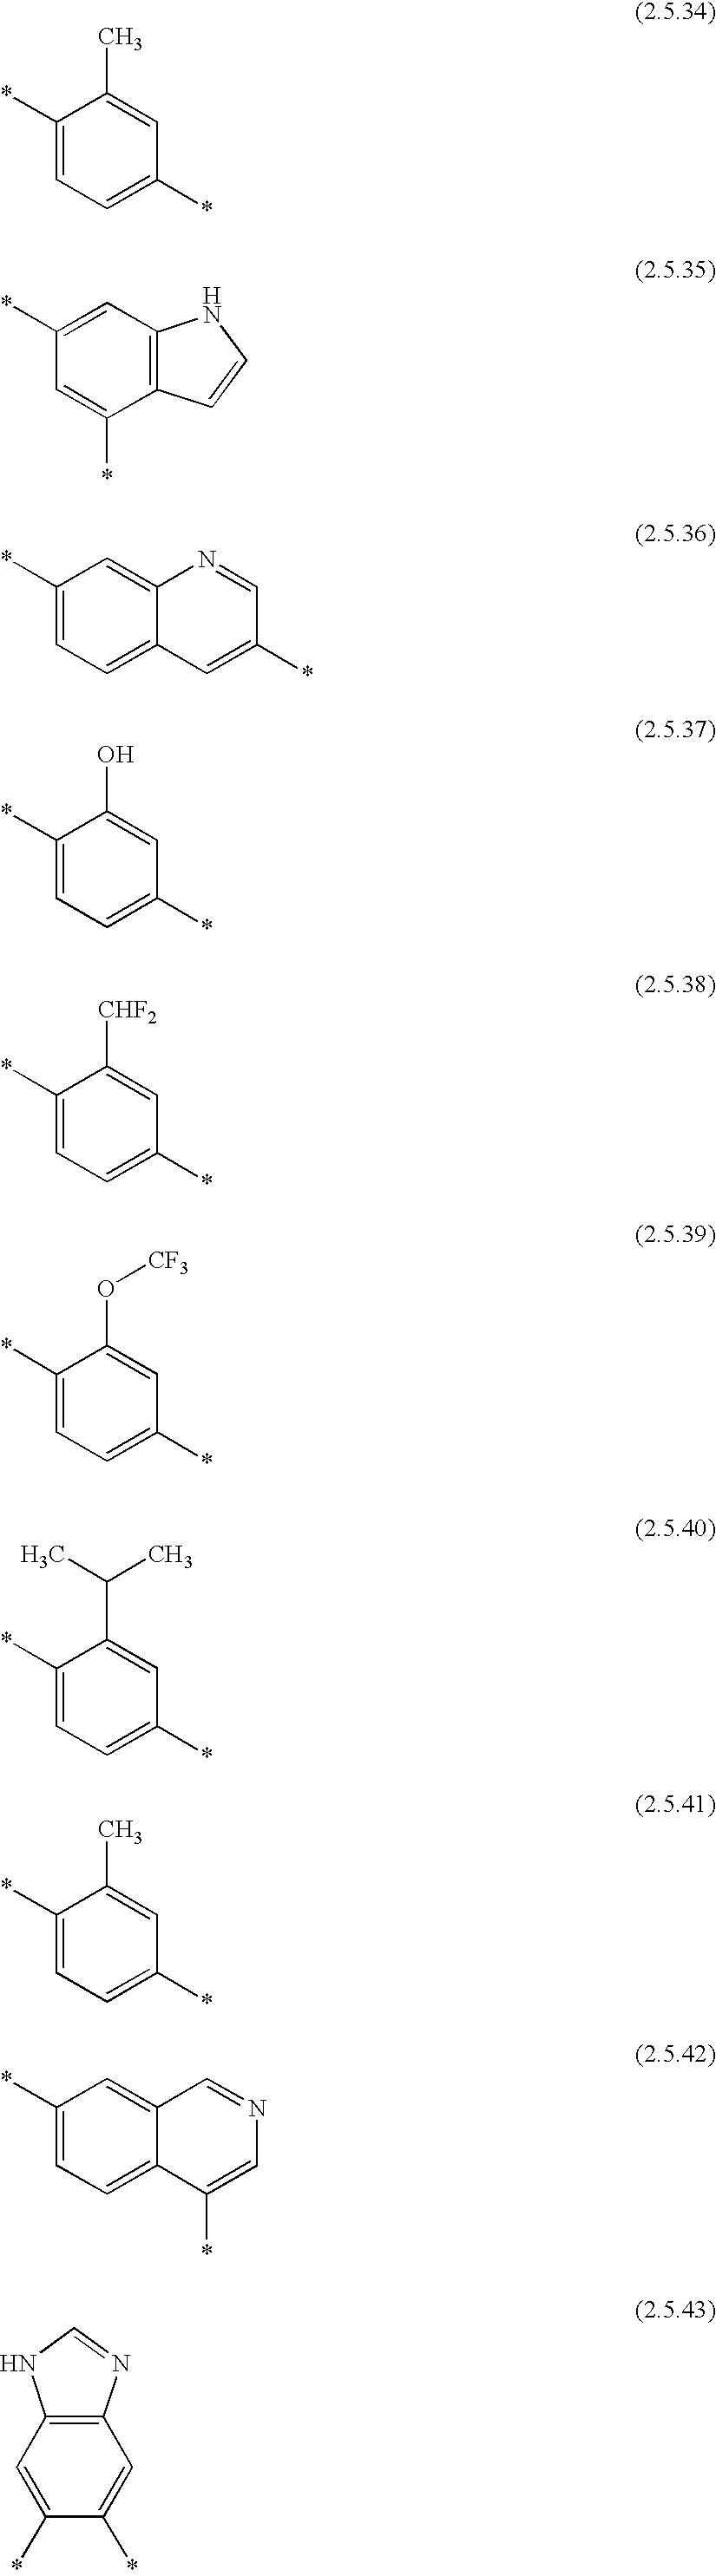 Figure US20030186974A1-20031002-C00334